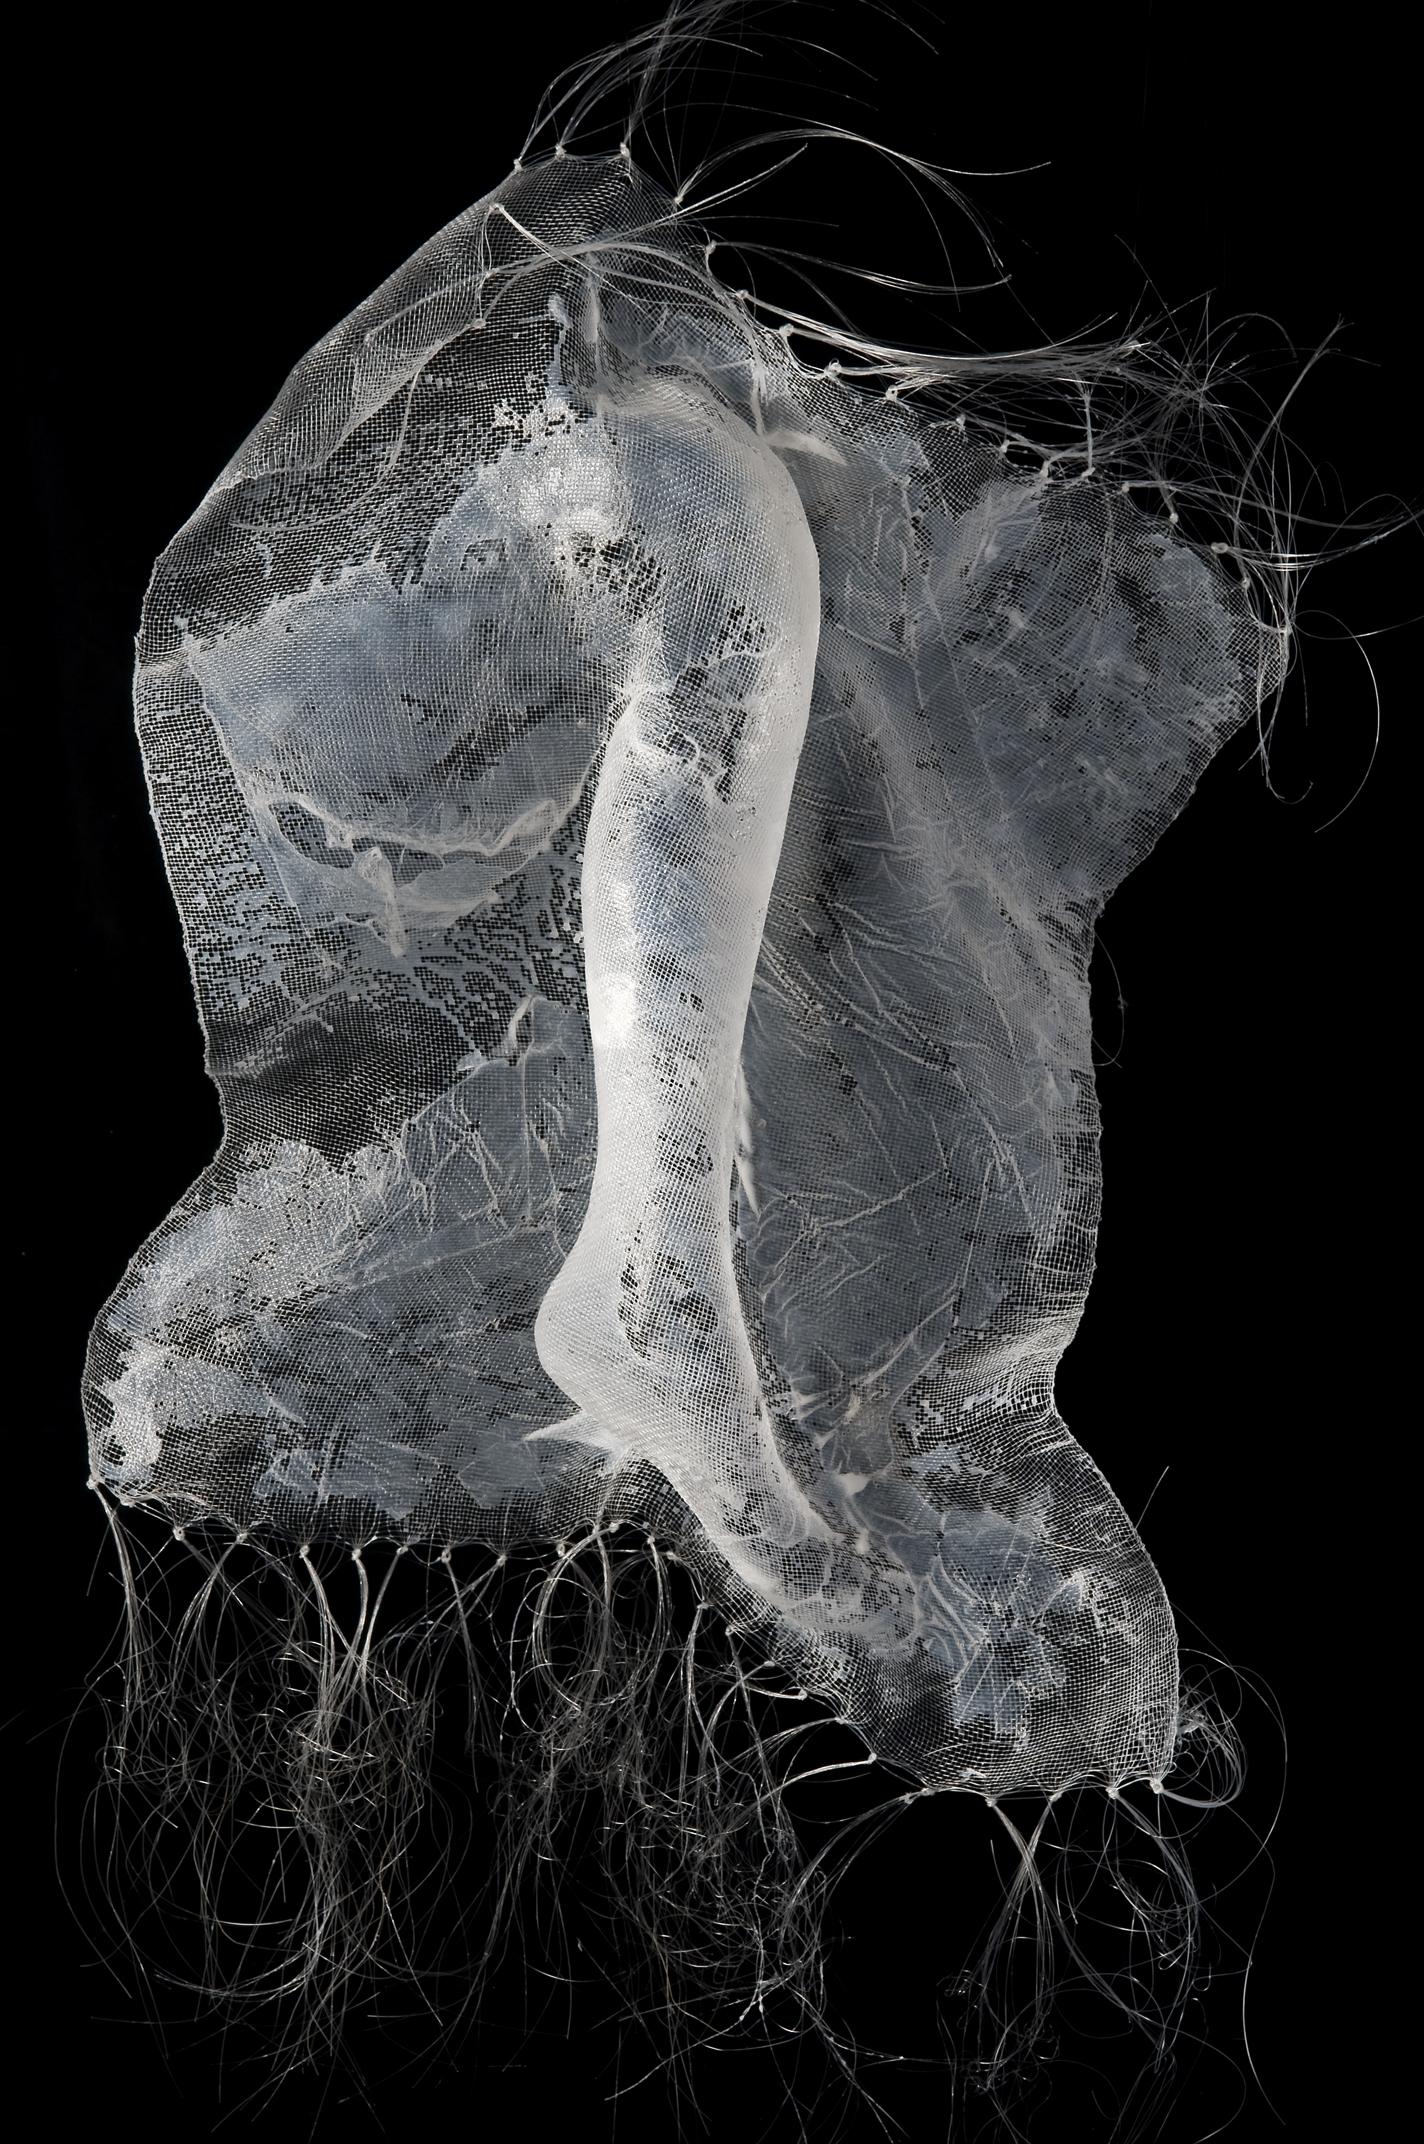 Silvia Beccaria  foto Mariano Dallago Mostra d'arte tessile, tenutasi nel 2011 presso l'Ecomuseo Villaggio Leumann a Torino.